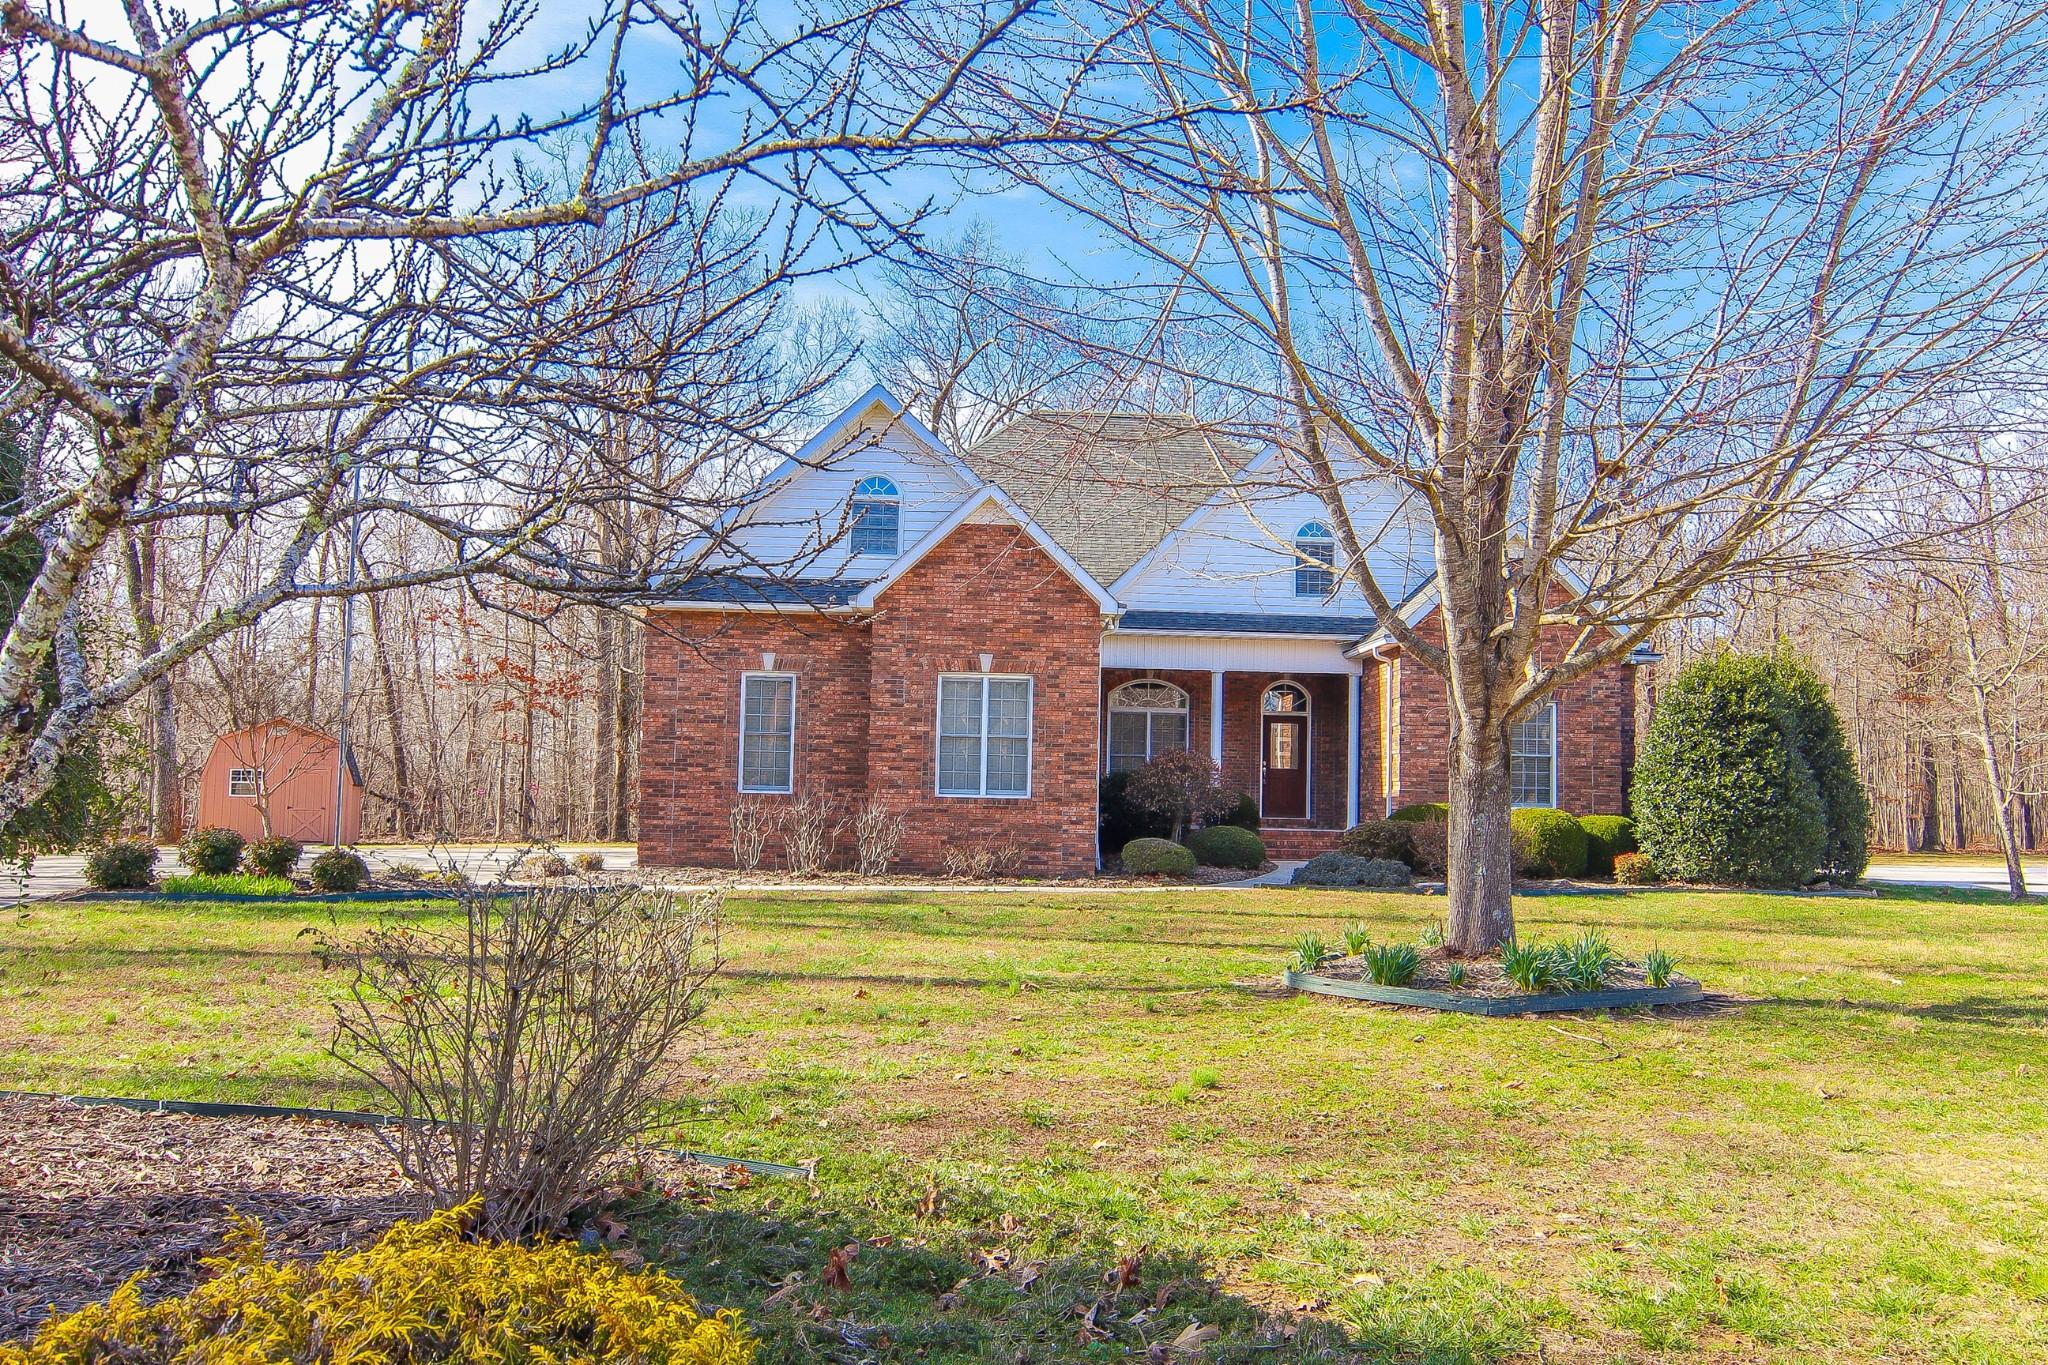 117 Cumberland Trce, Tullahoma, TN 37388 - Tullahoma, TN real estate listing